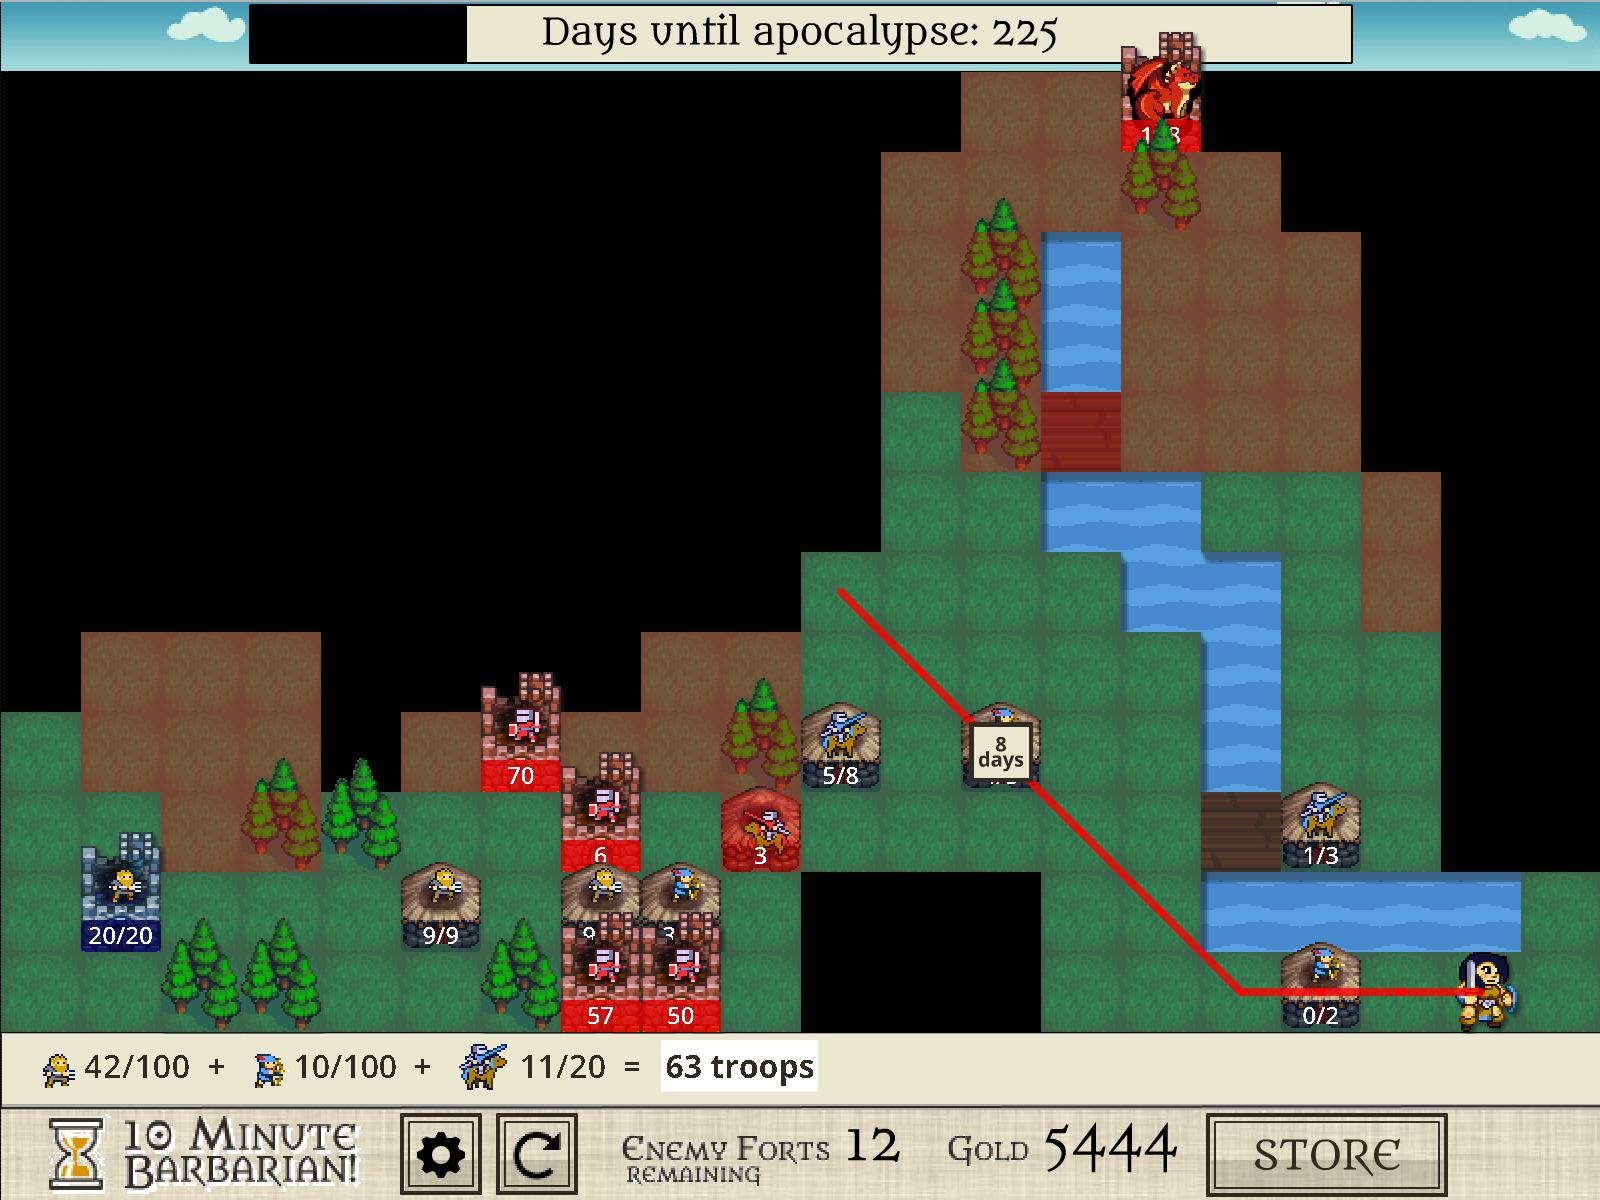 10 Minute Barbarian - стратегия для тех, у кого нет времени на игры